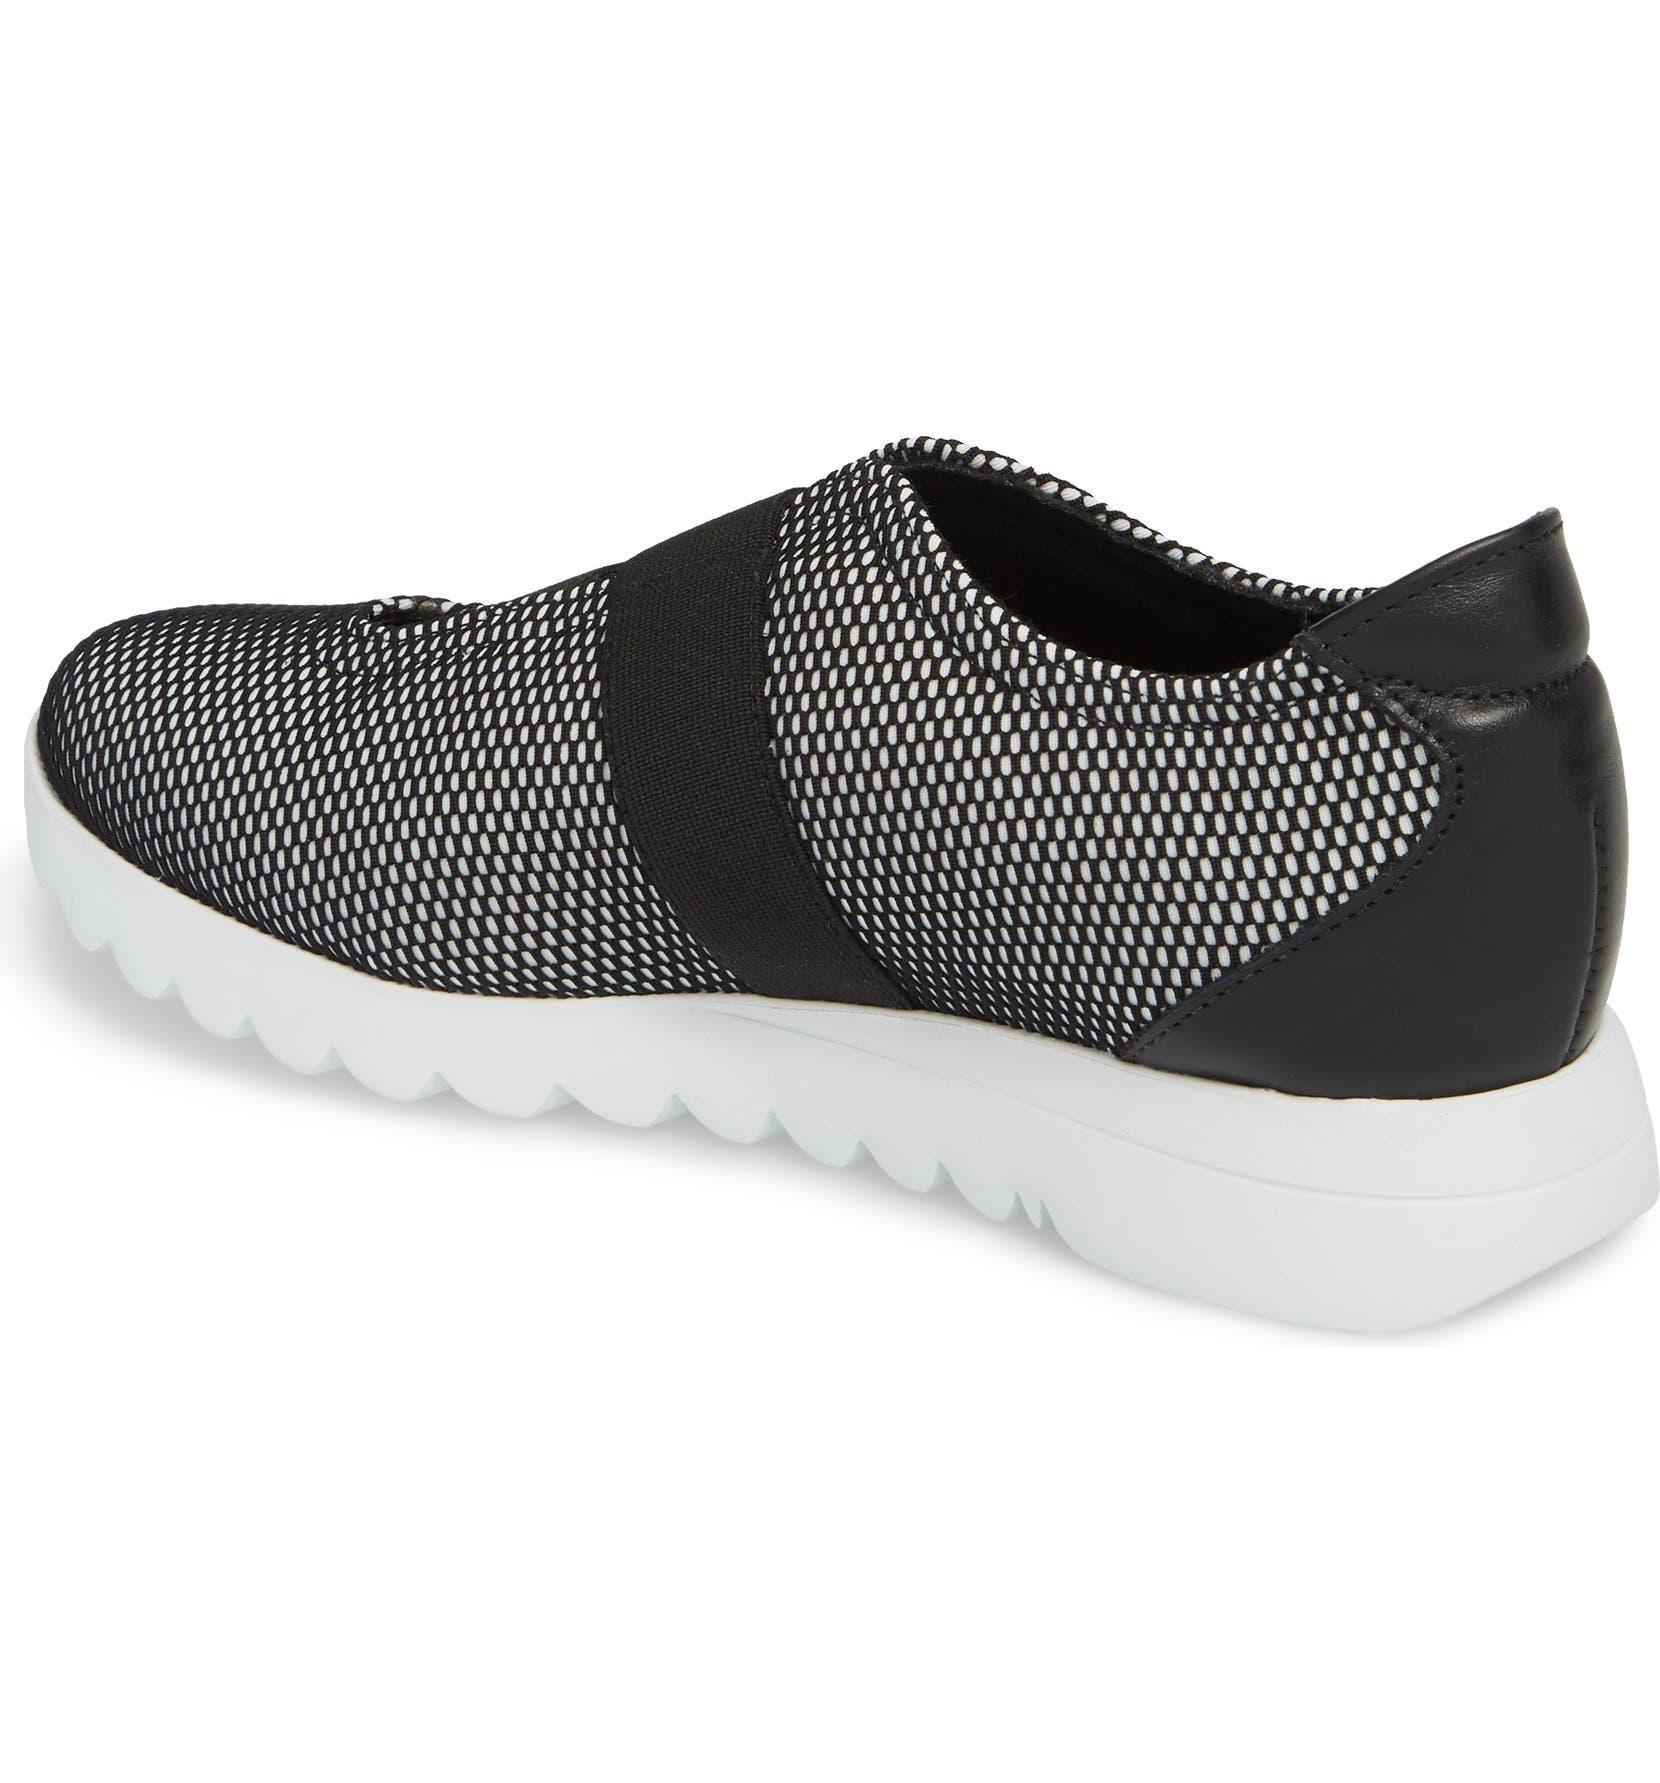 d5b08505316 Munro Alta Slip-On Sneaker (Women)